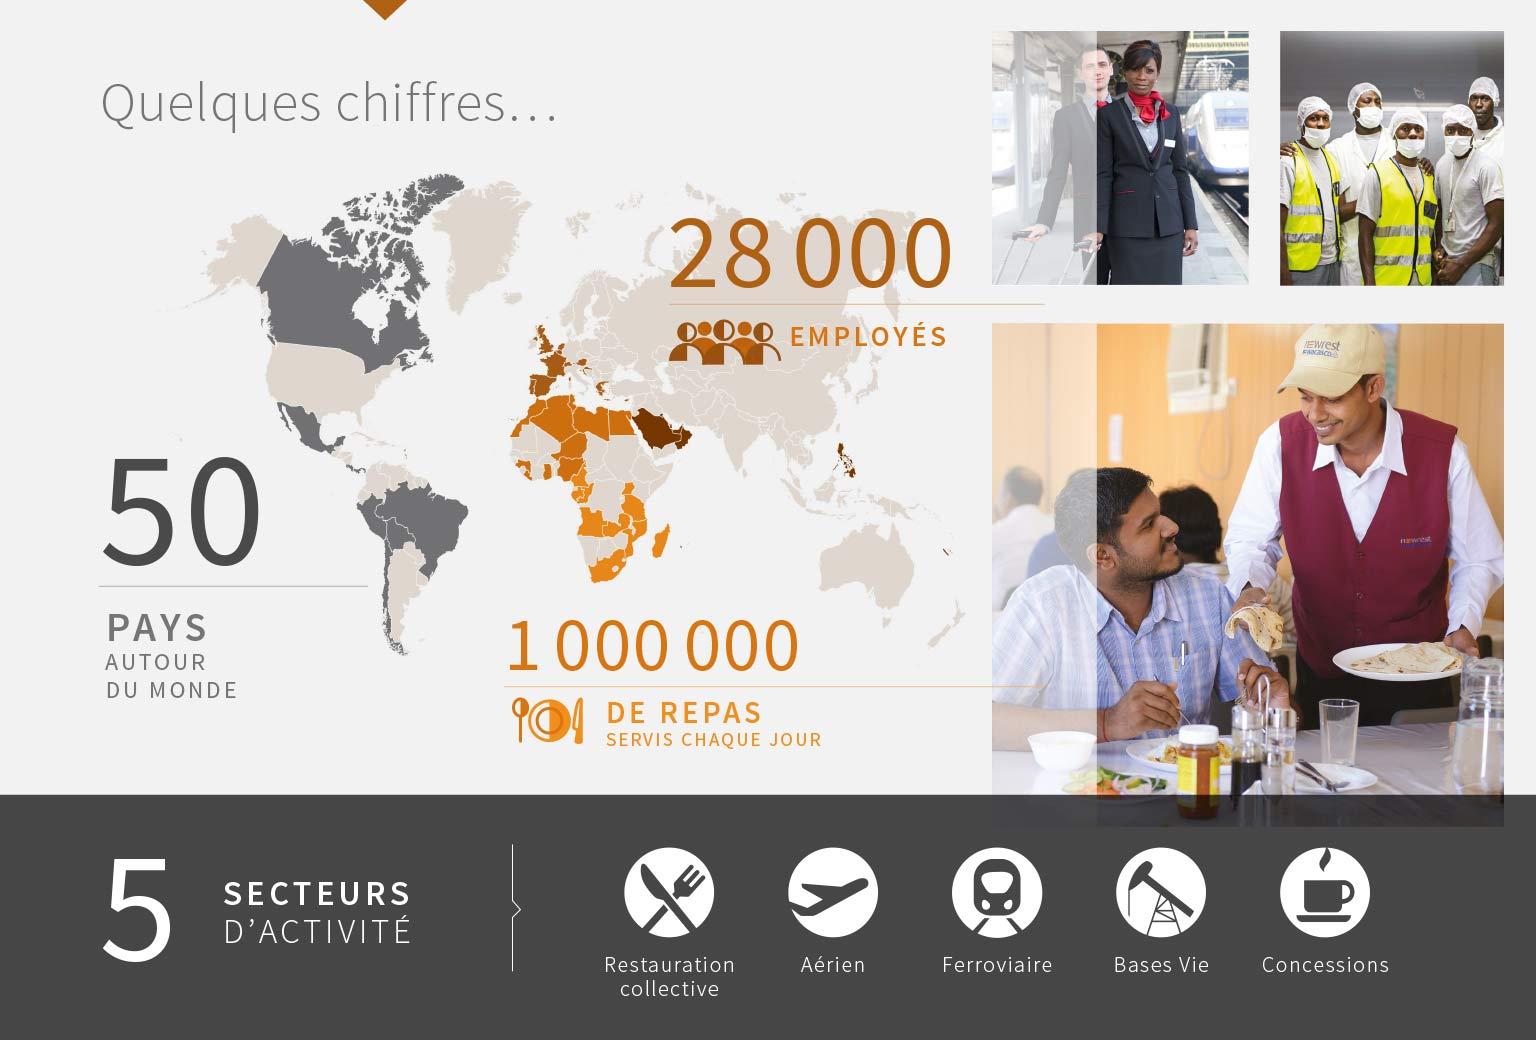 Le Groupe Newrest nous présente ses chiffres clés dans la restauration et le catering